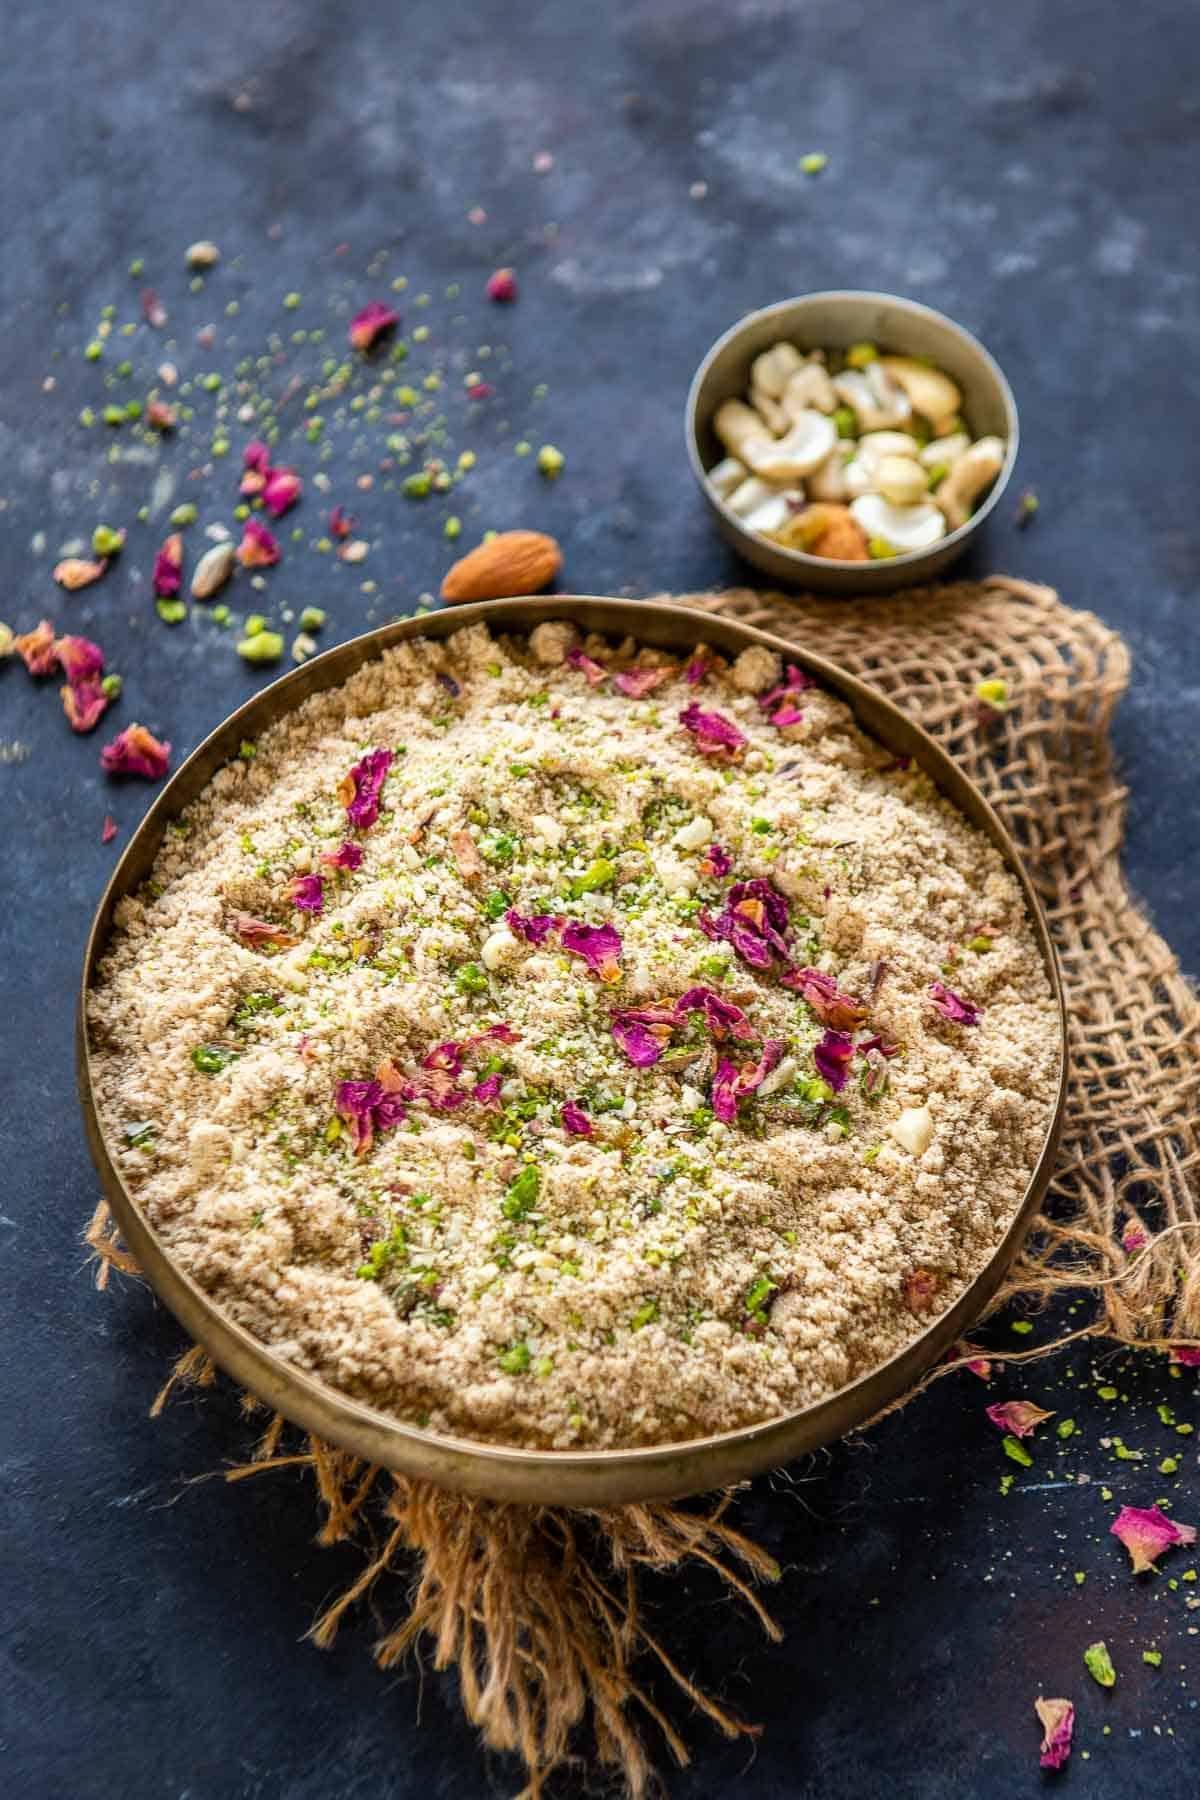 Panjiri served in a bowl.